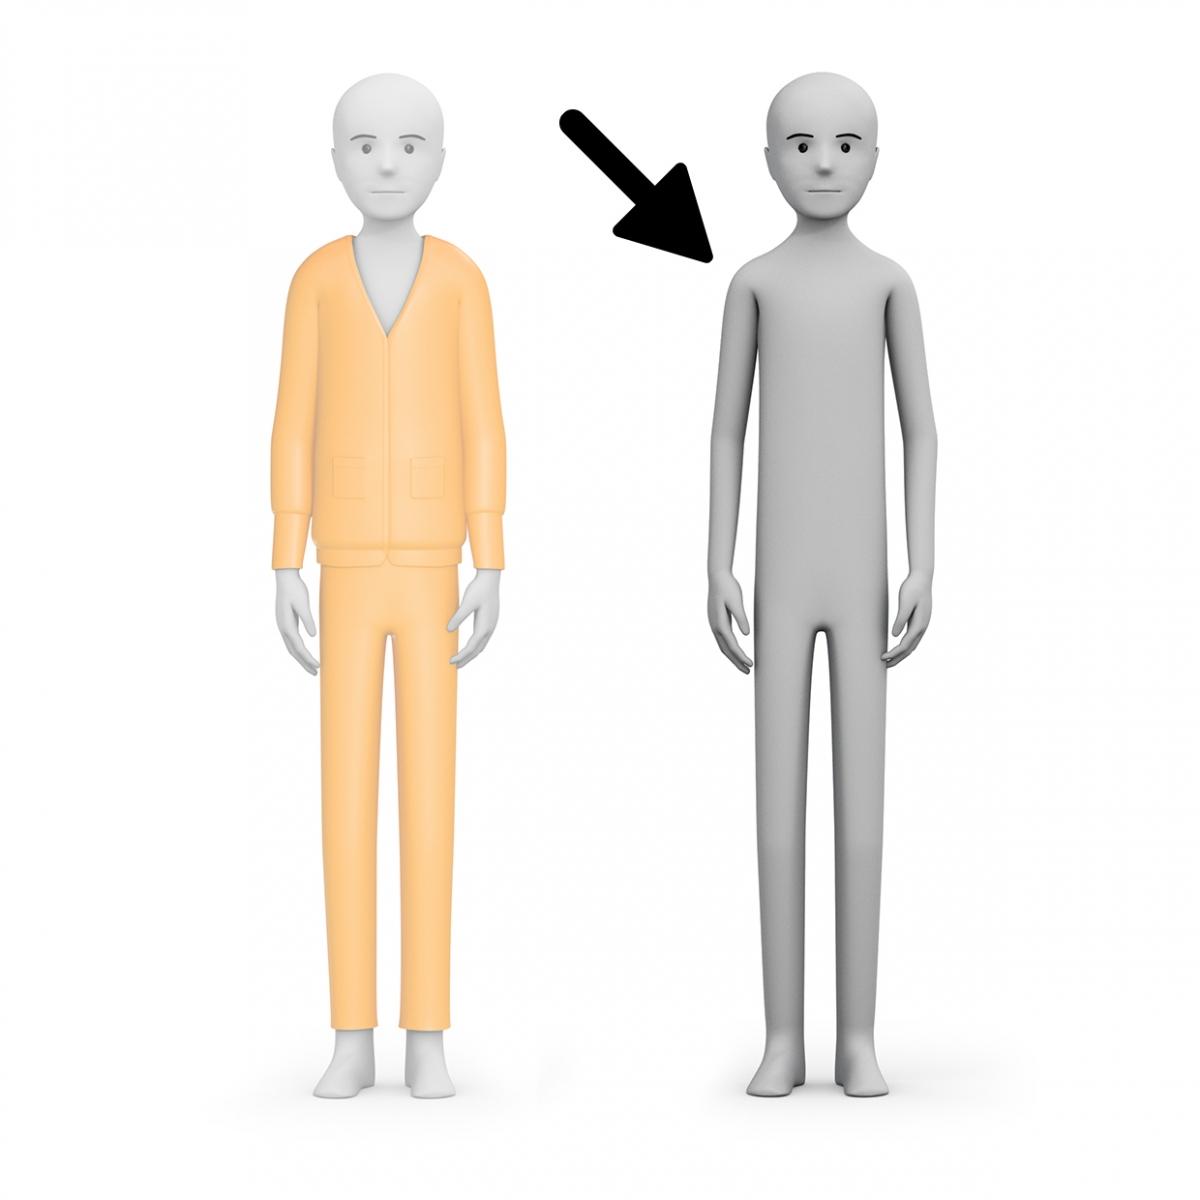 Imagen en la que se ve una persona sin ropa